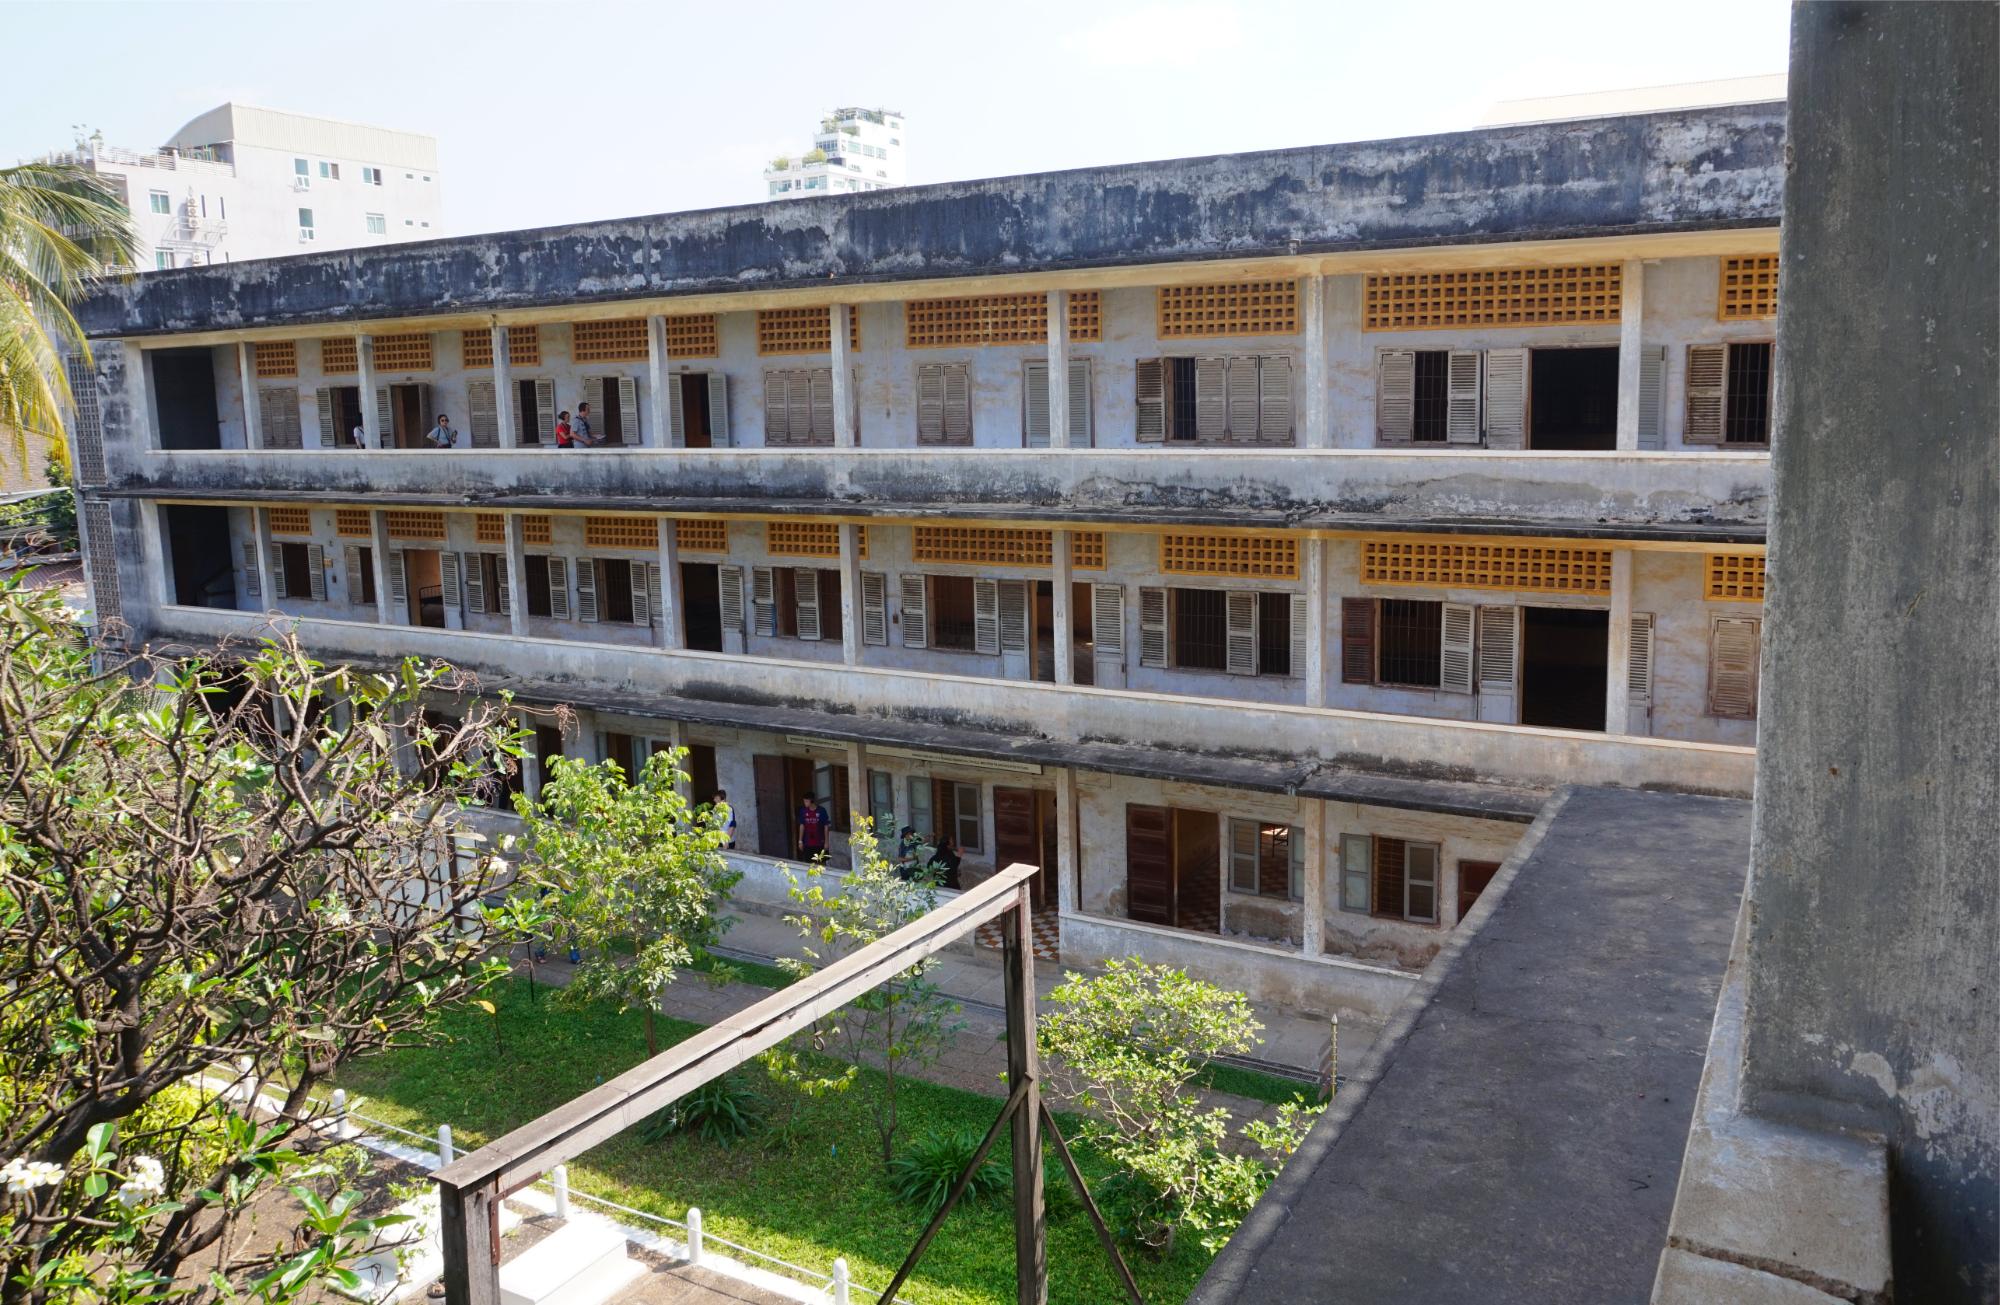 Eine ehemalige Schule wurde zur grausamen Folterkammer